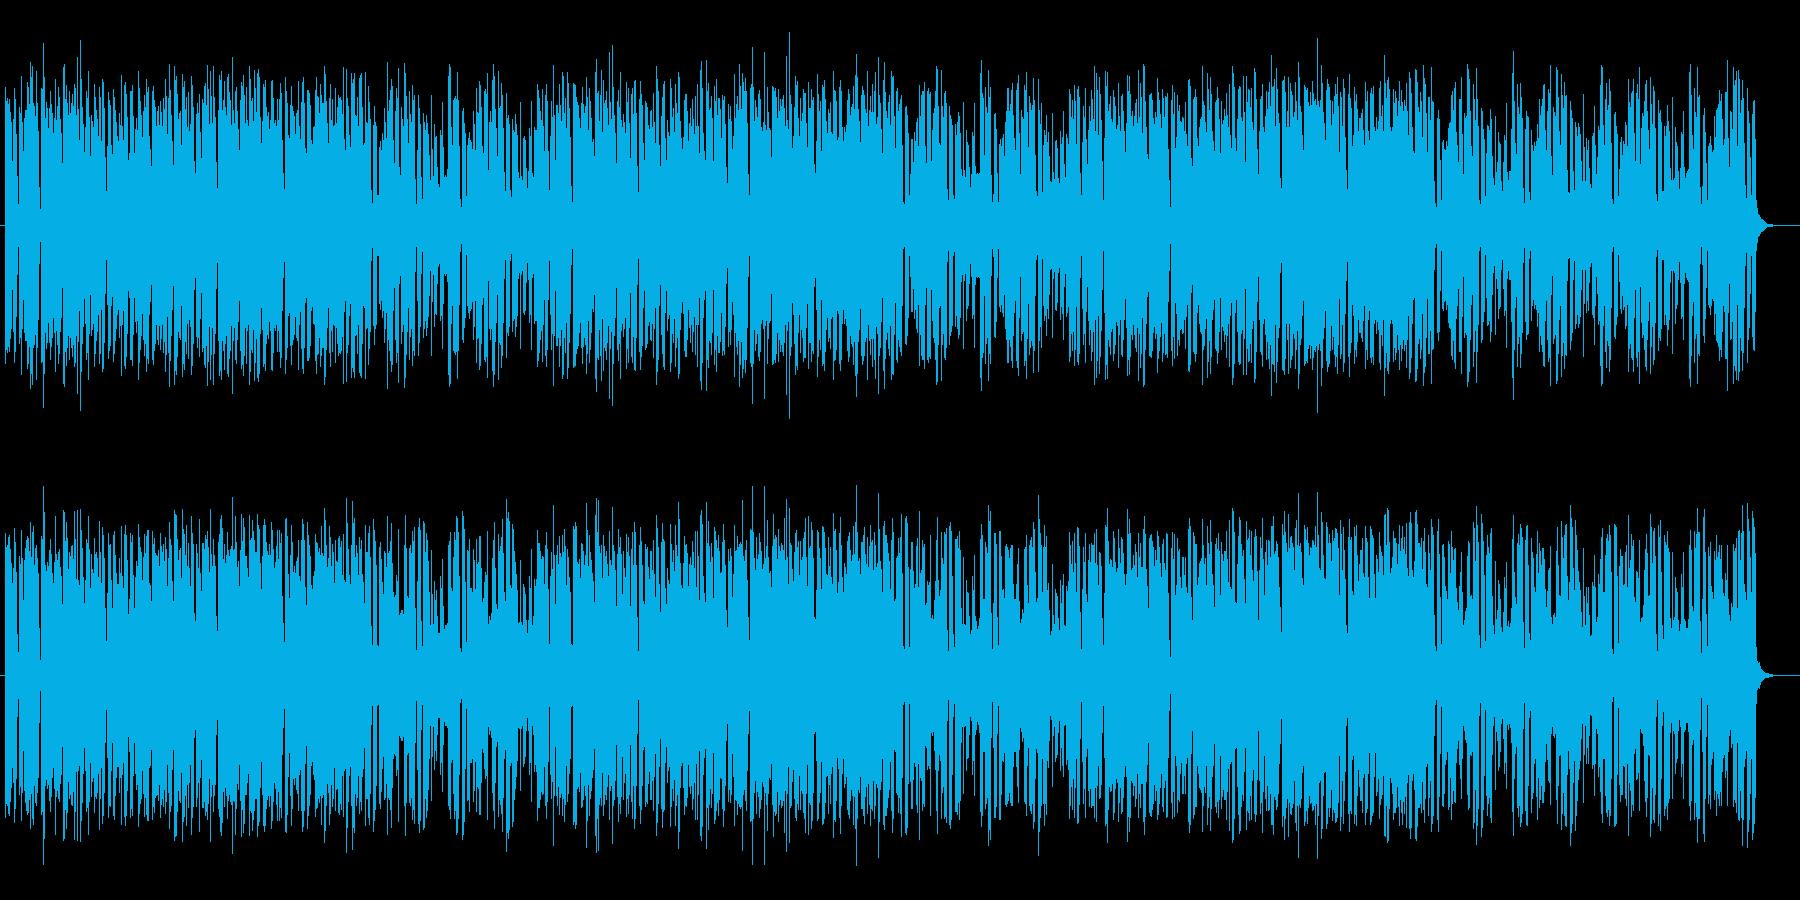 軽快で明るいメロディが特徴のポップスの再生済みの波形